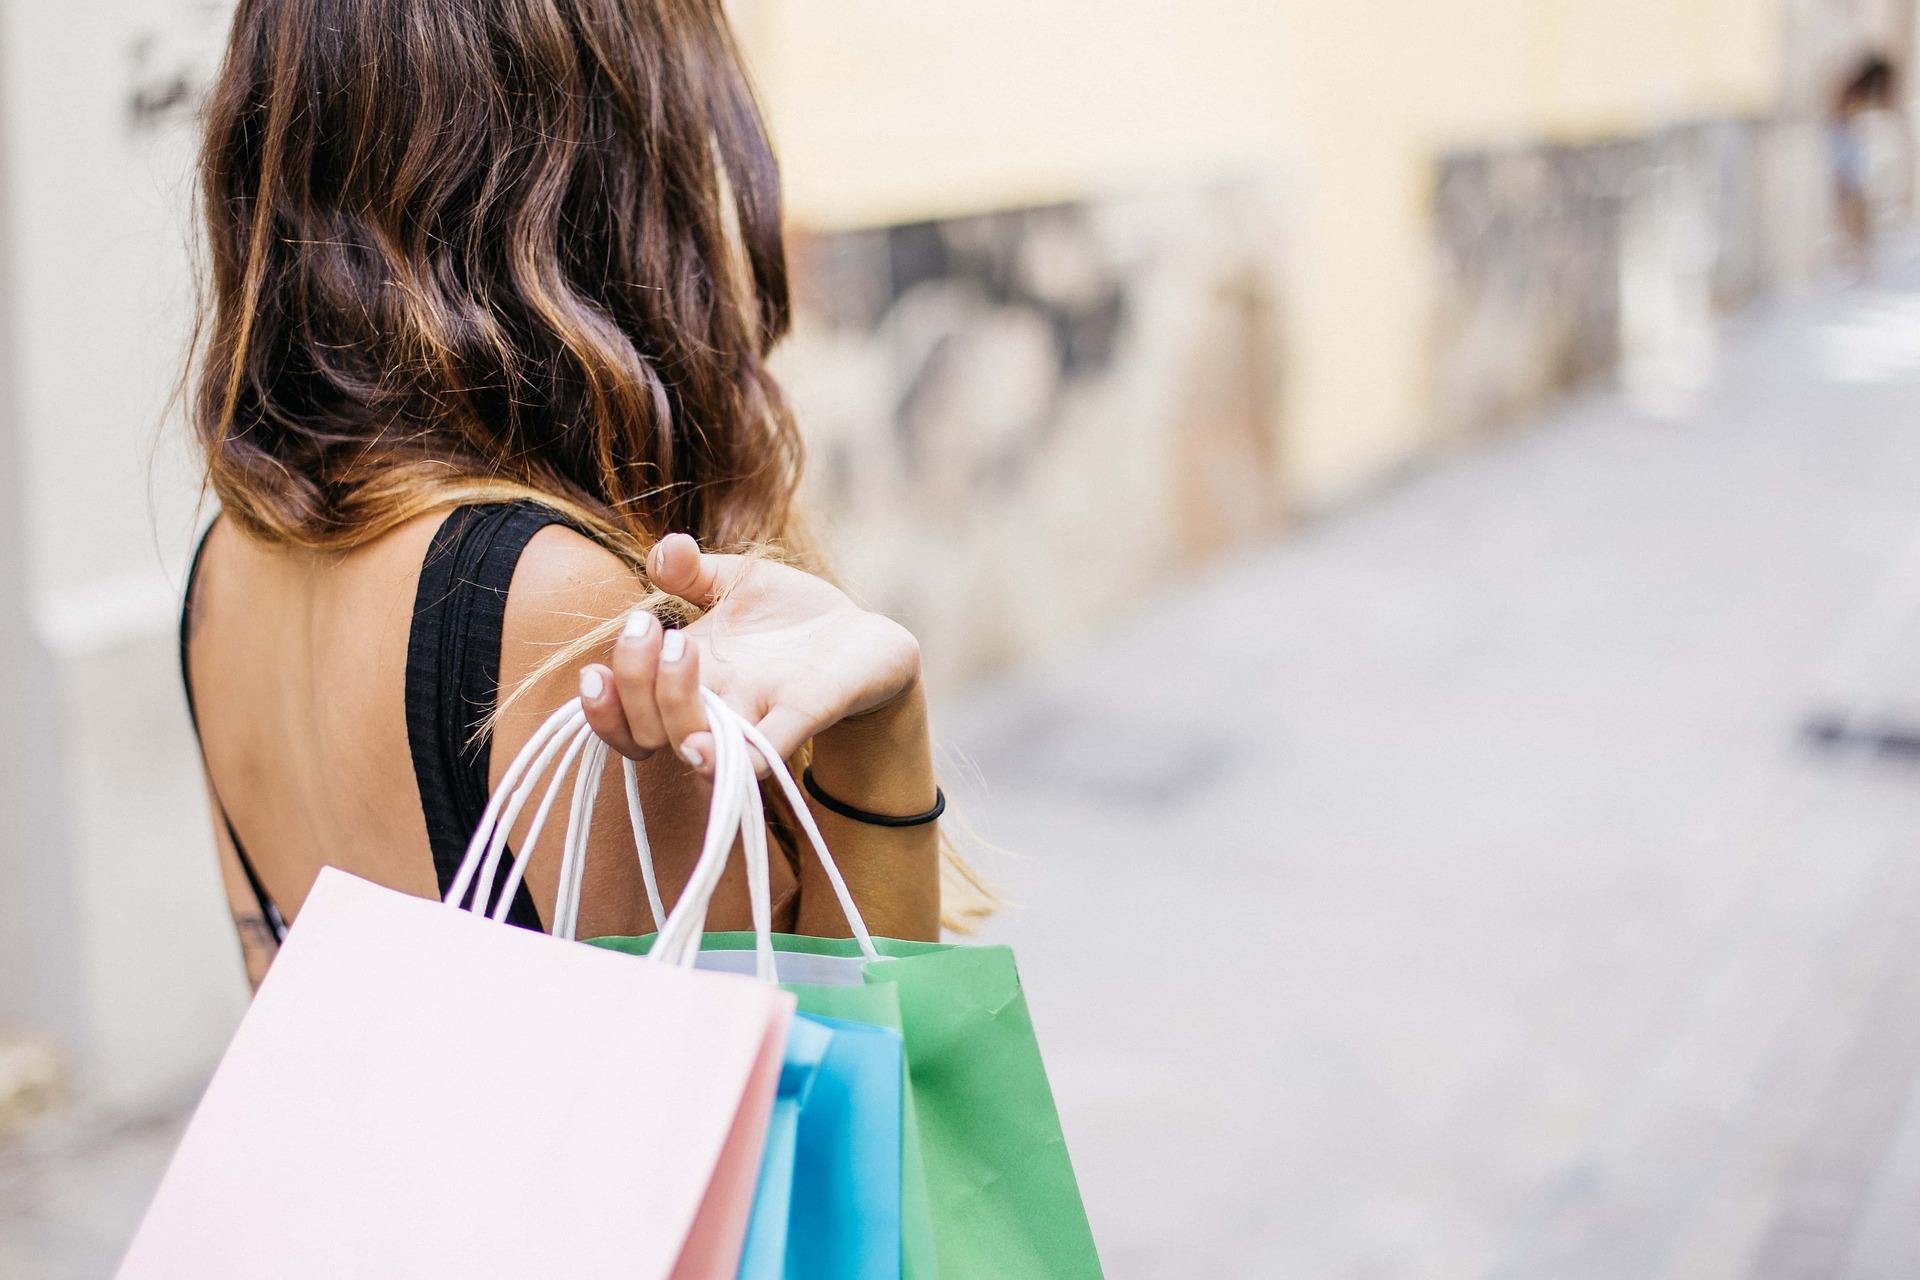 【ハワイ⑯】Tギャラリア・ハワイ by DFSで免税品を買おう!免税店の仕組みと安さの徹底検証!